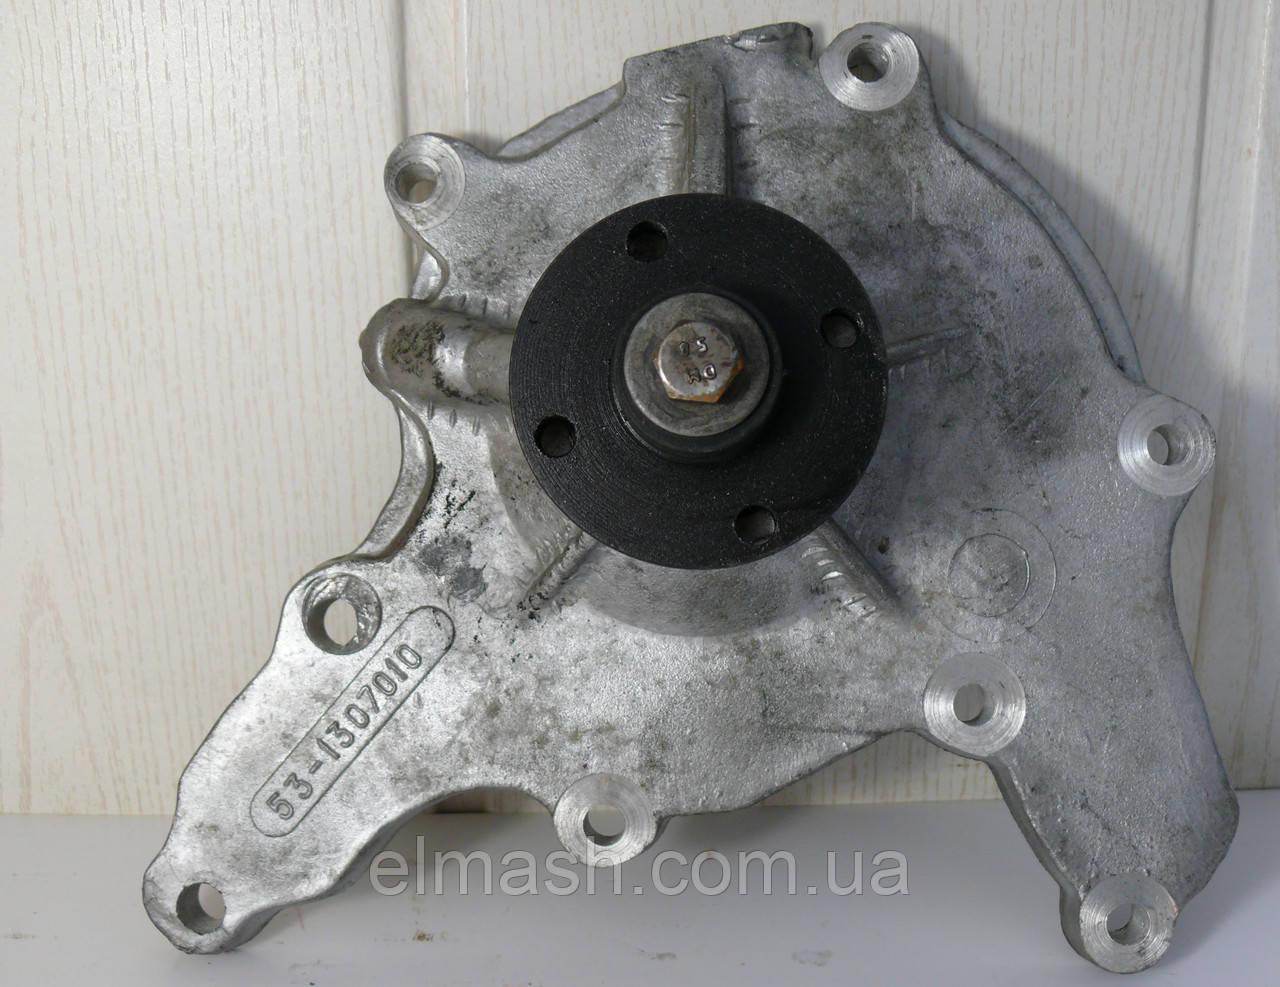 Насос водяной ГАЗ 53 без шкива, алюминиевый корпус (пр-во Украина)